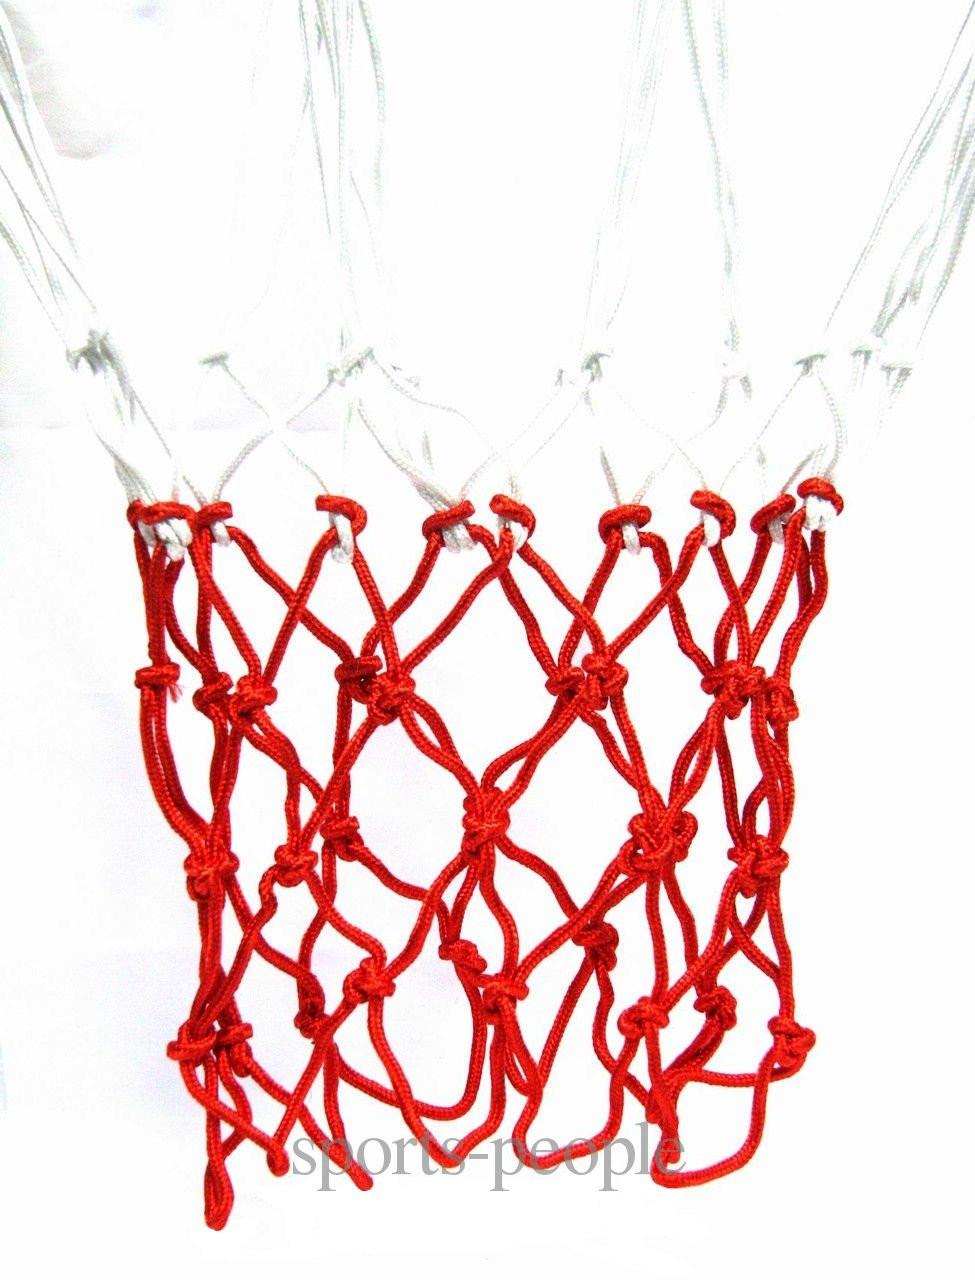 Сетка баскетбольная, в комплекте 2 шт., белая с красным»